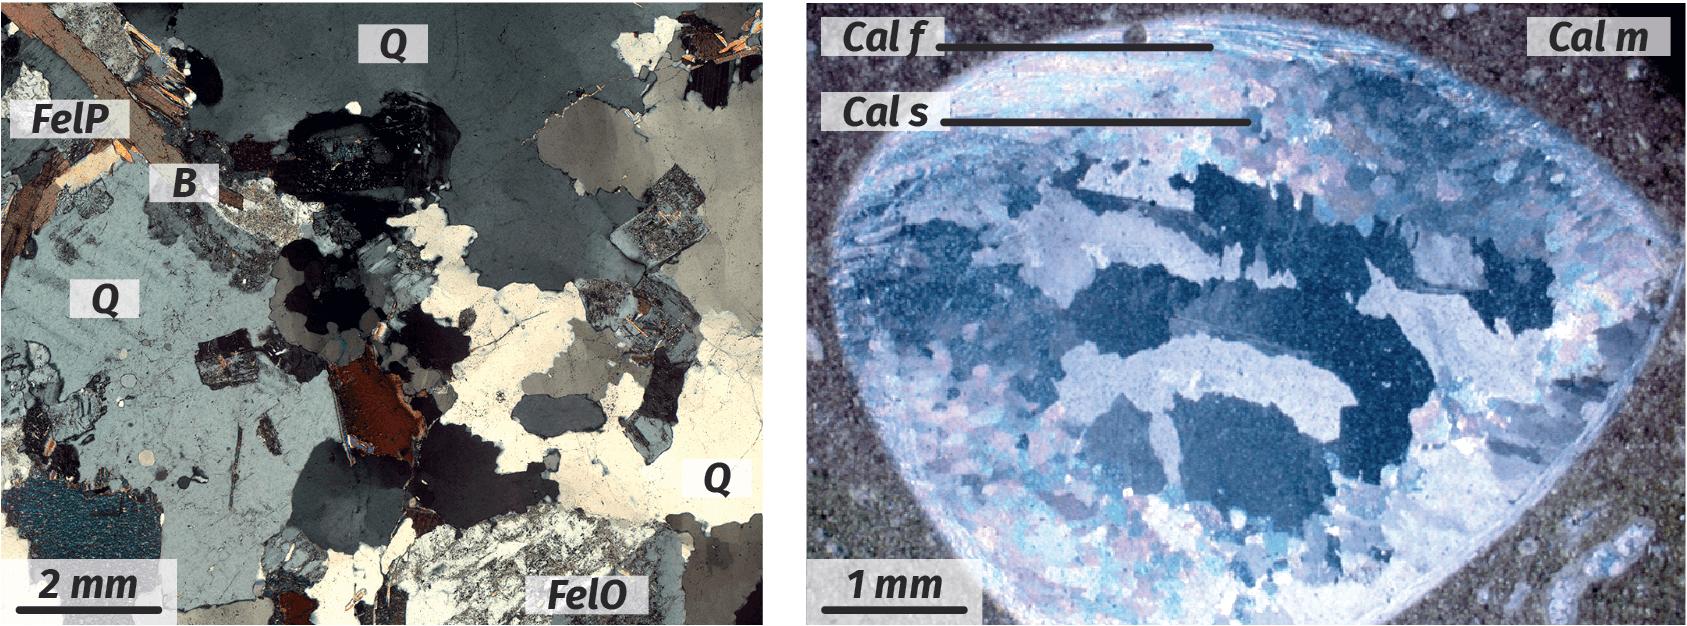 Observation au microscope polarisant d'un granite et d'un calcaire coquillier